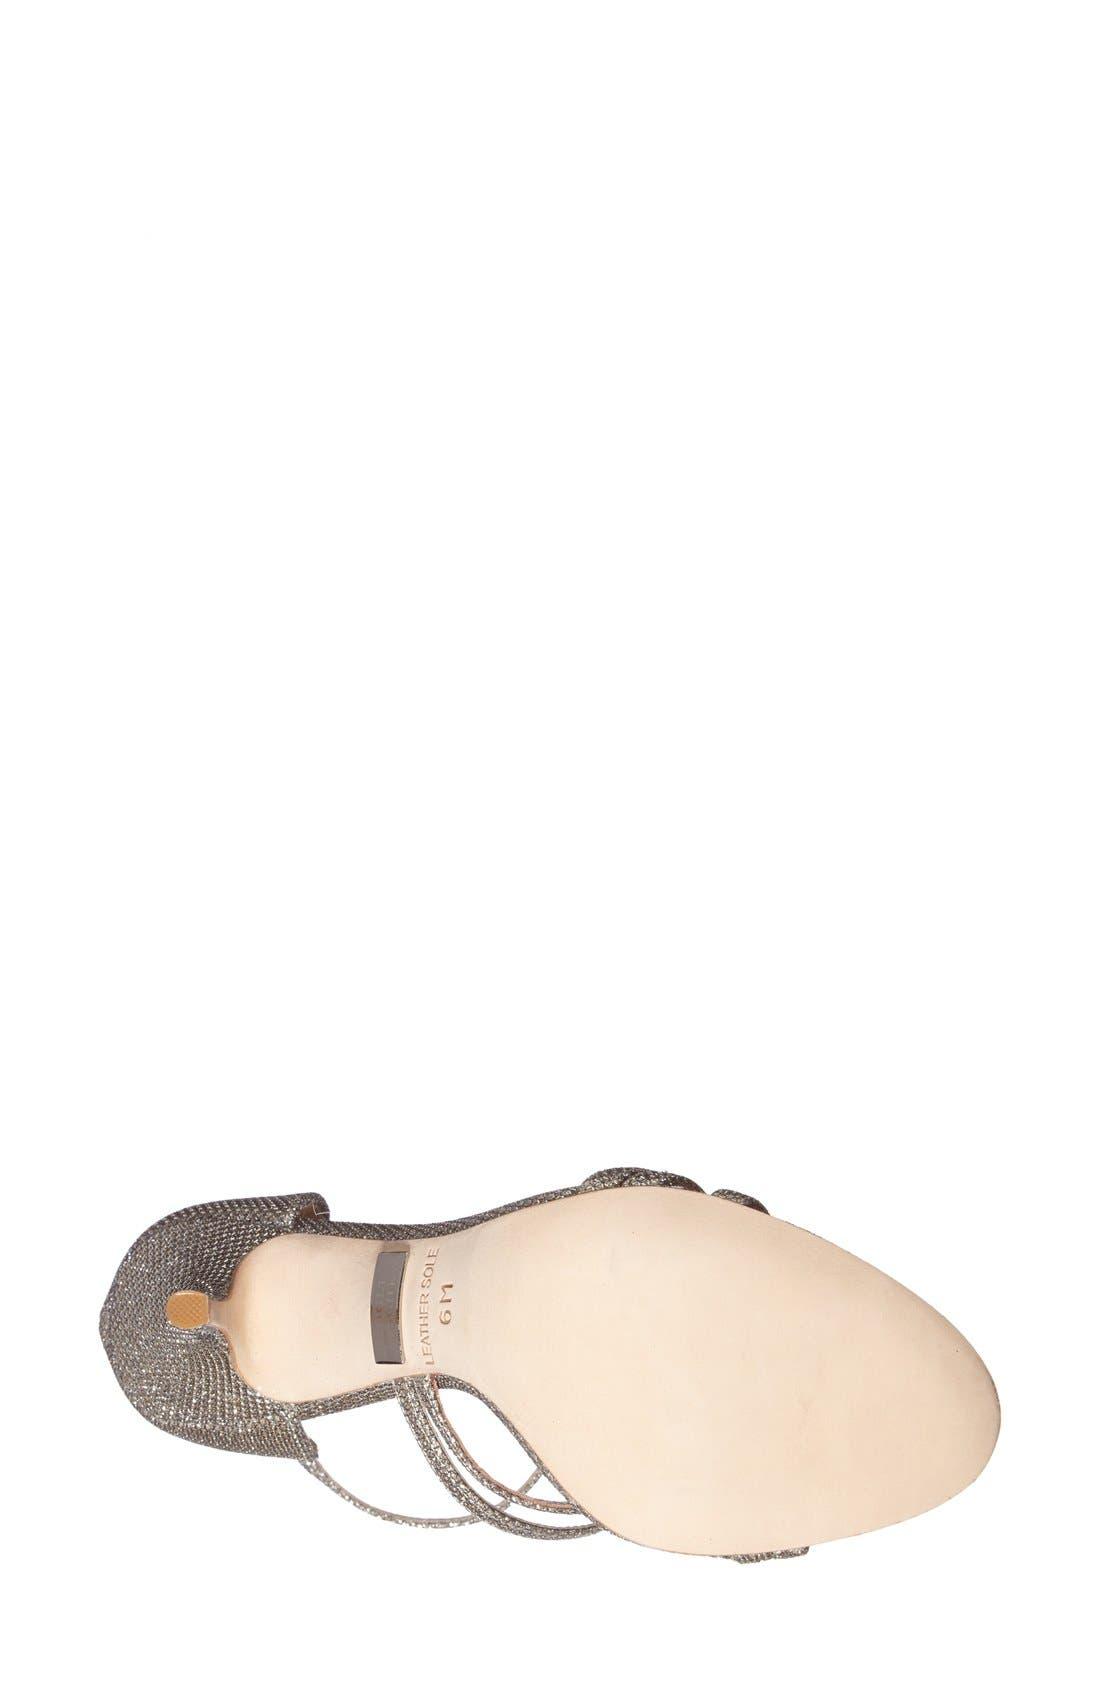 Alternate Image 4  - Badgley Mischka 'Landmark' Ankle Strap Sandal (Women)